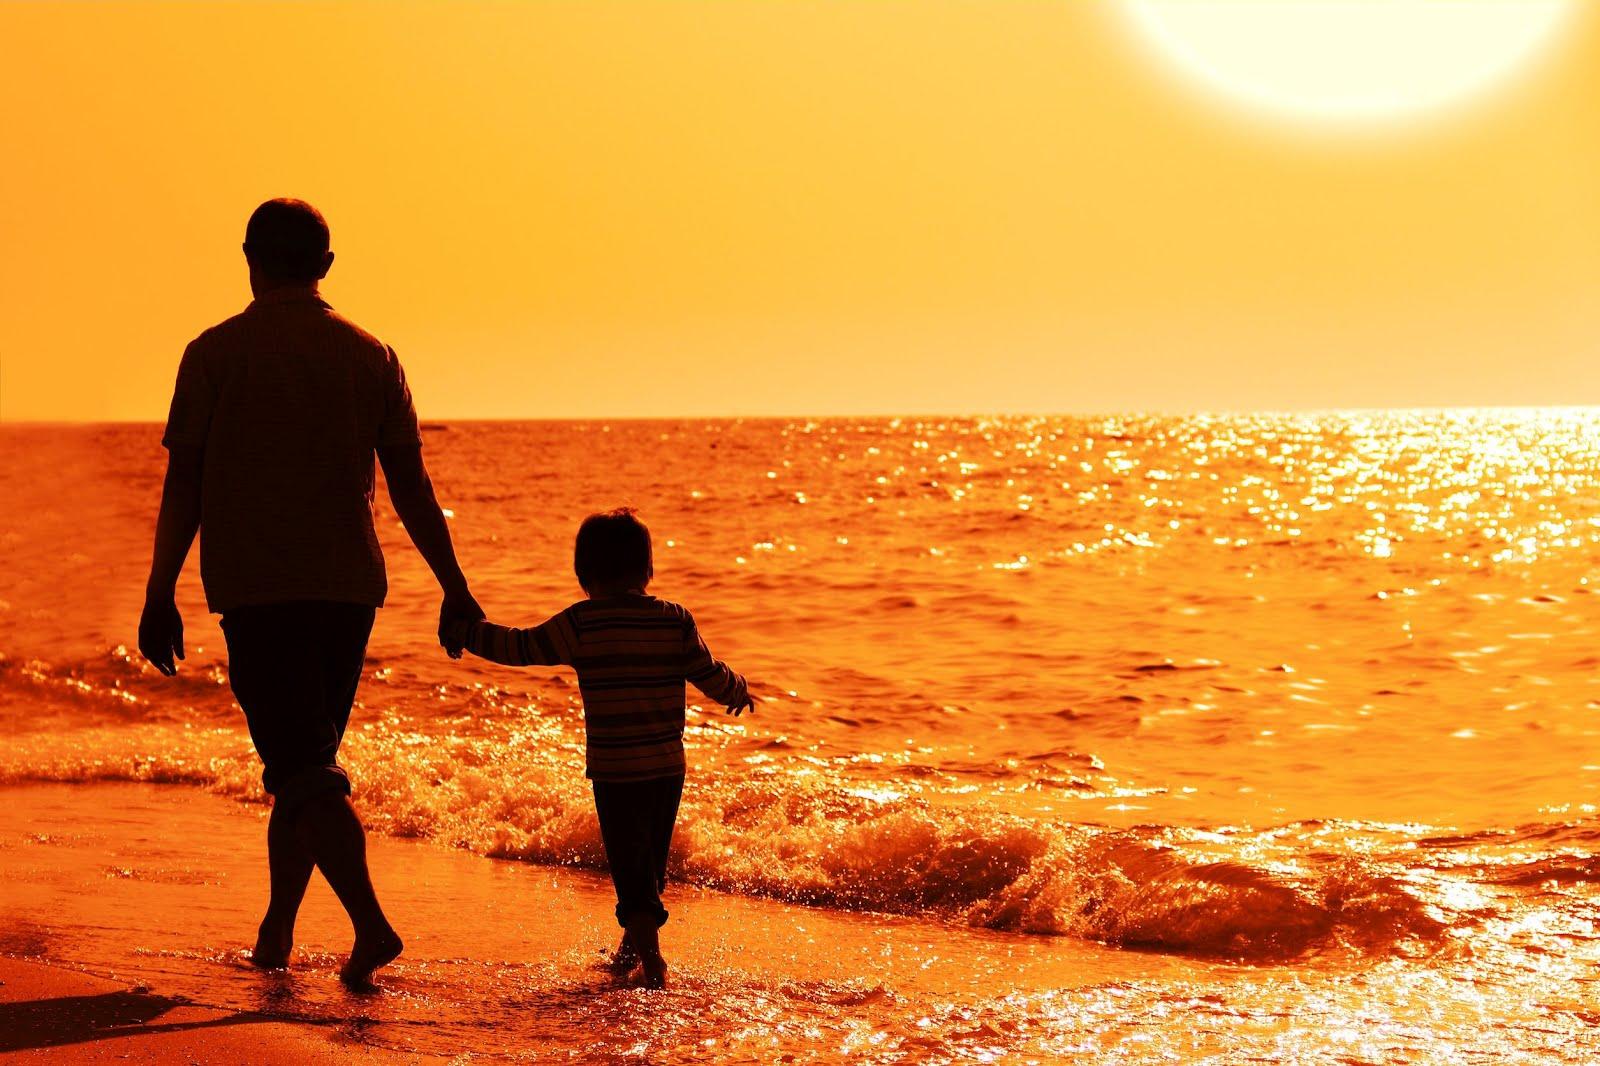 ... orilla del mar imagenes gratis para escribir tus propias reflexiones